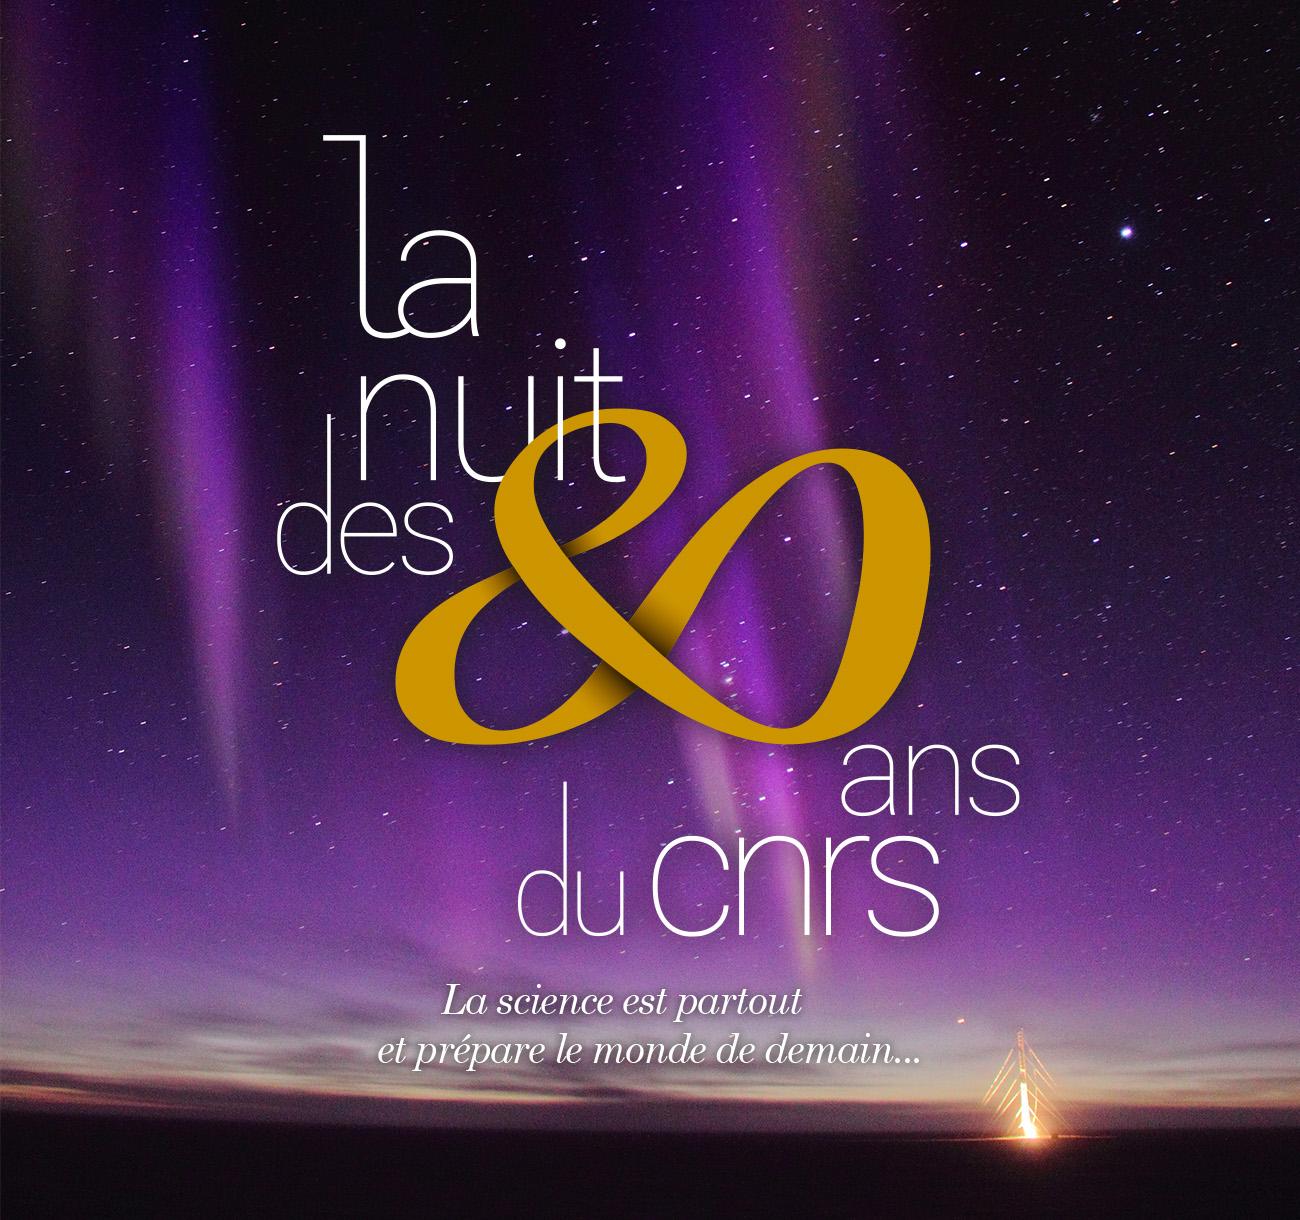 La nuit des 80 ans du CNRS